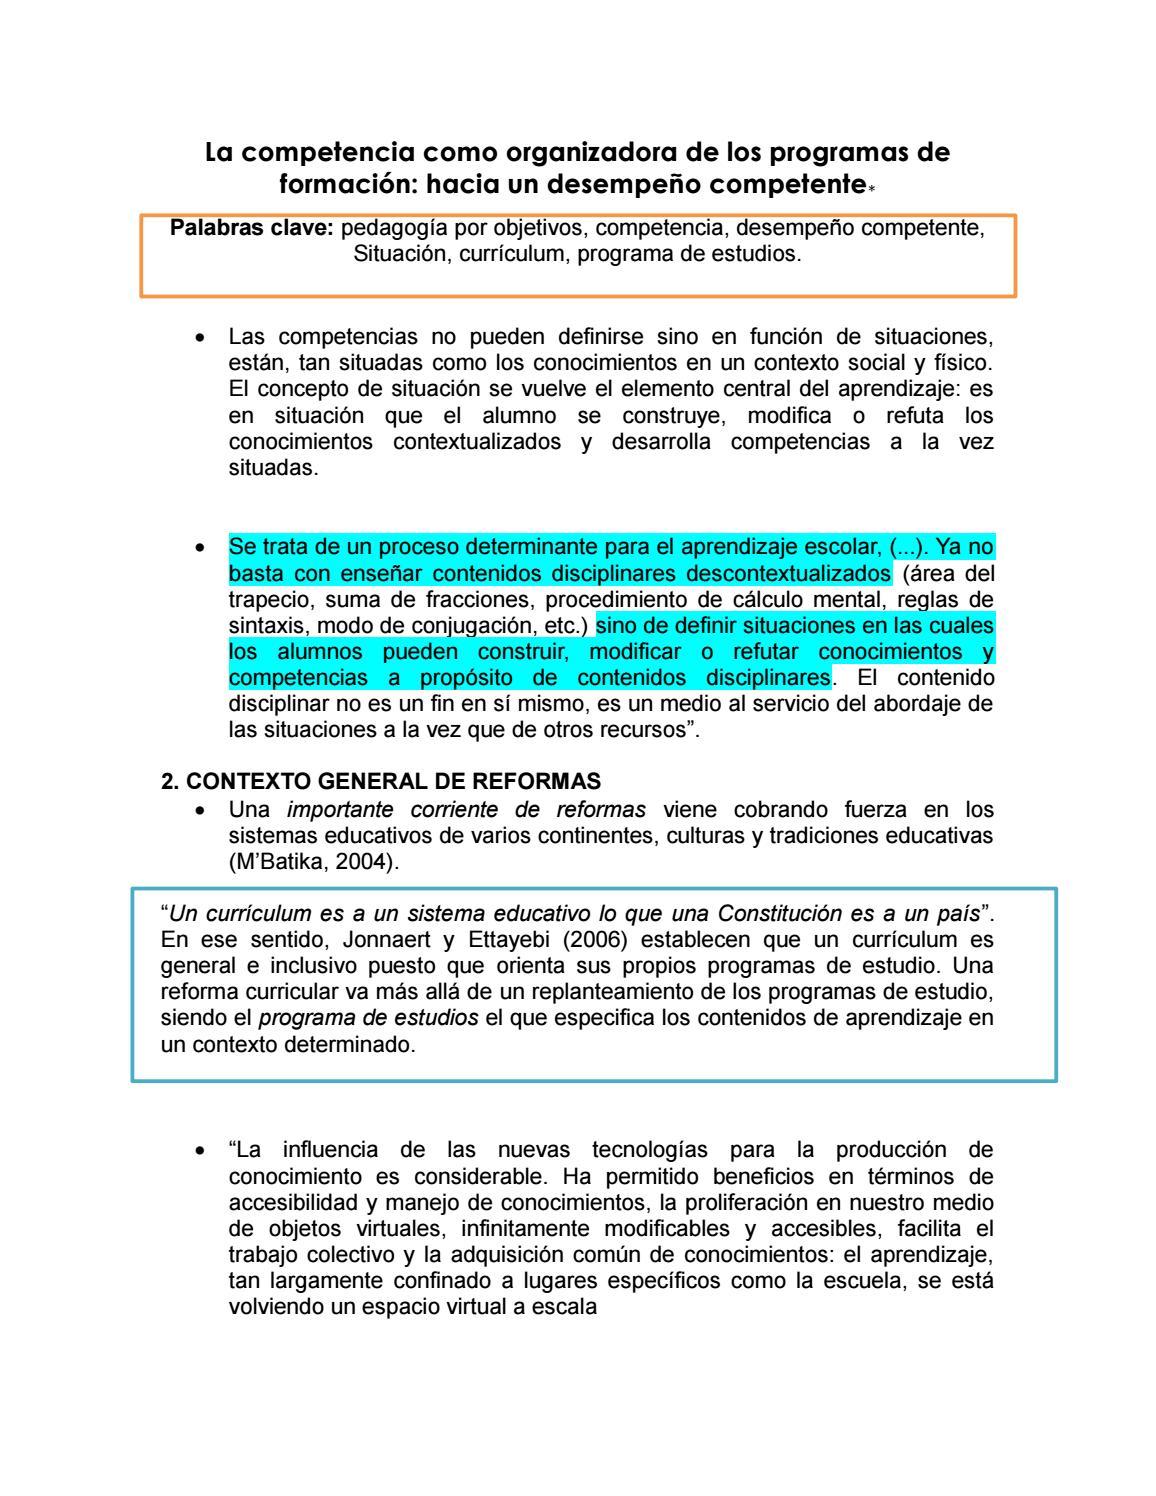 7 la competencia como organizadora de los programas de formación by ...